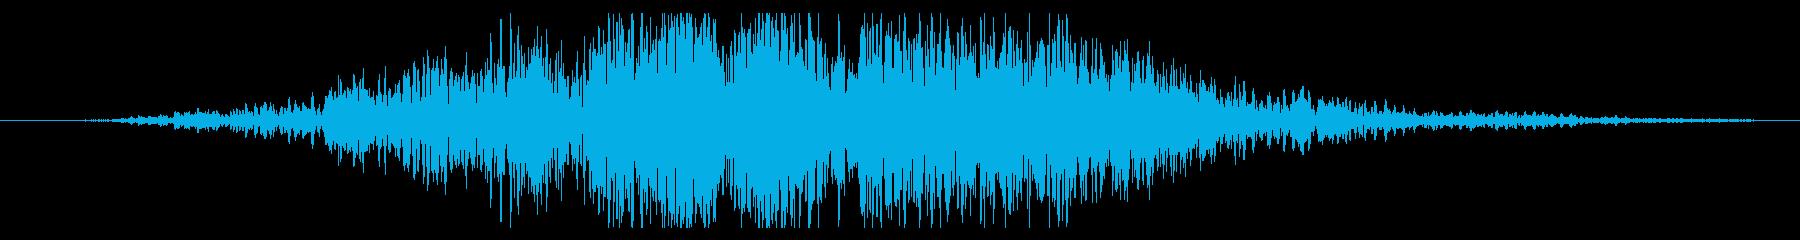 上昇 ストームドローン01の再生済みの波形